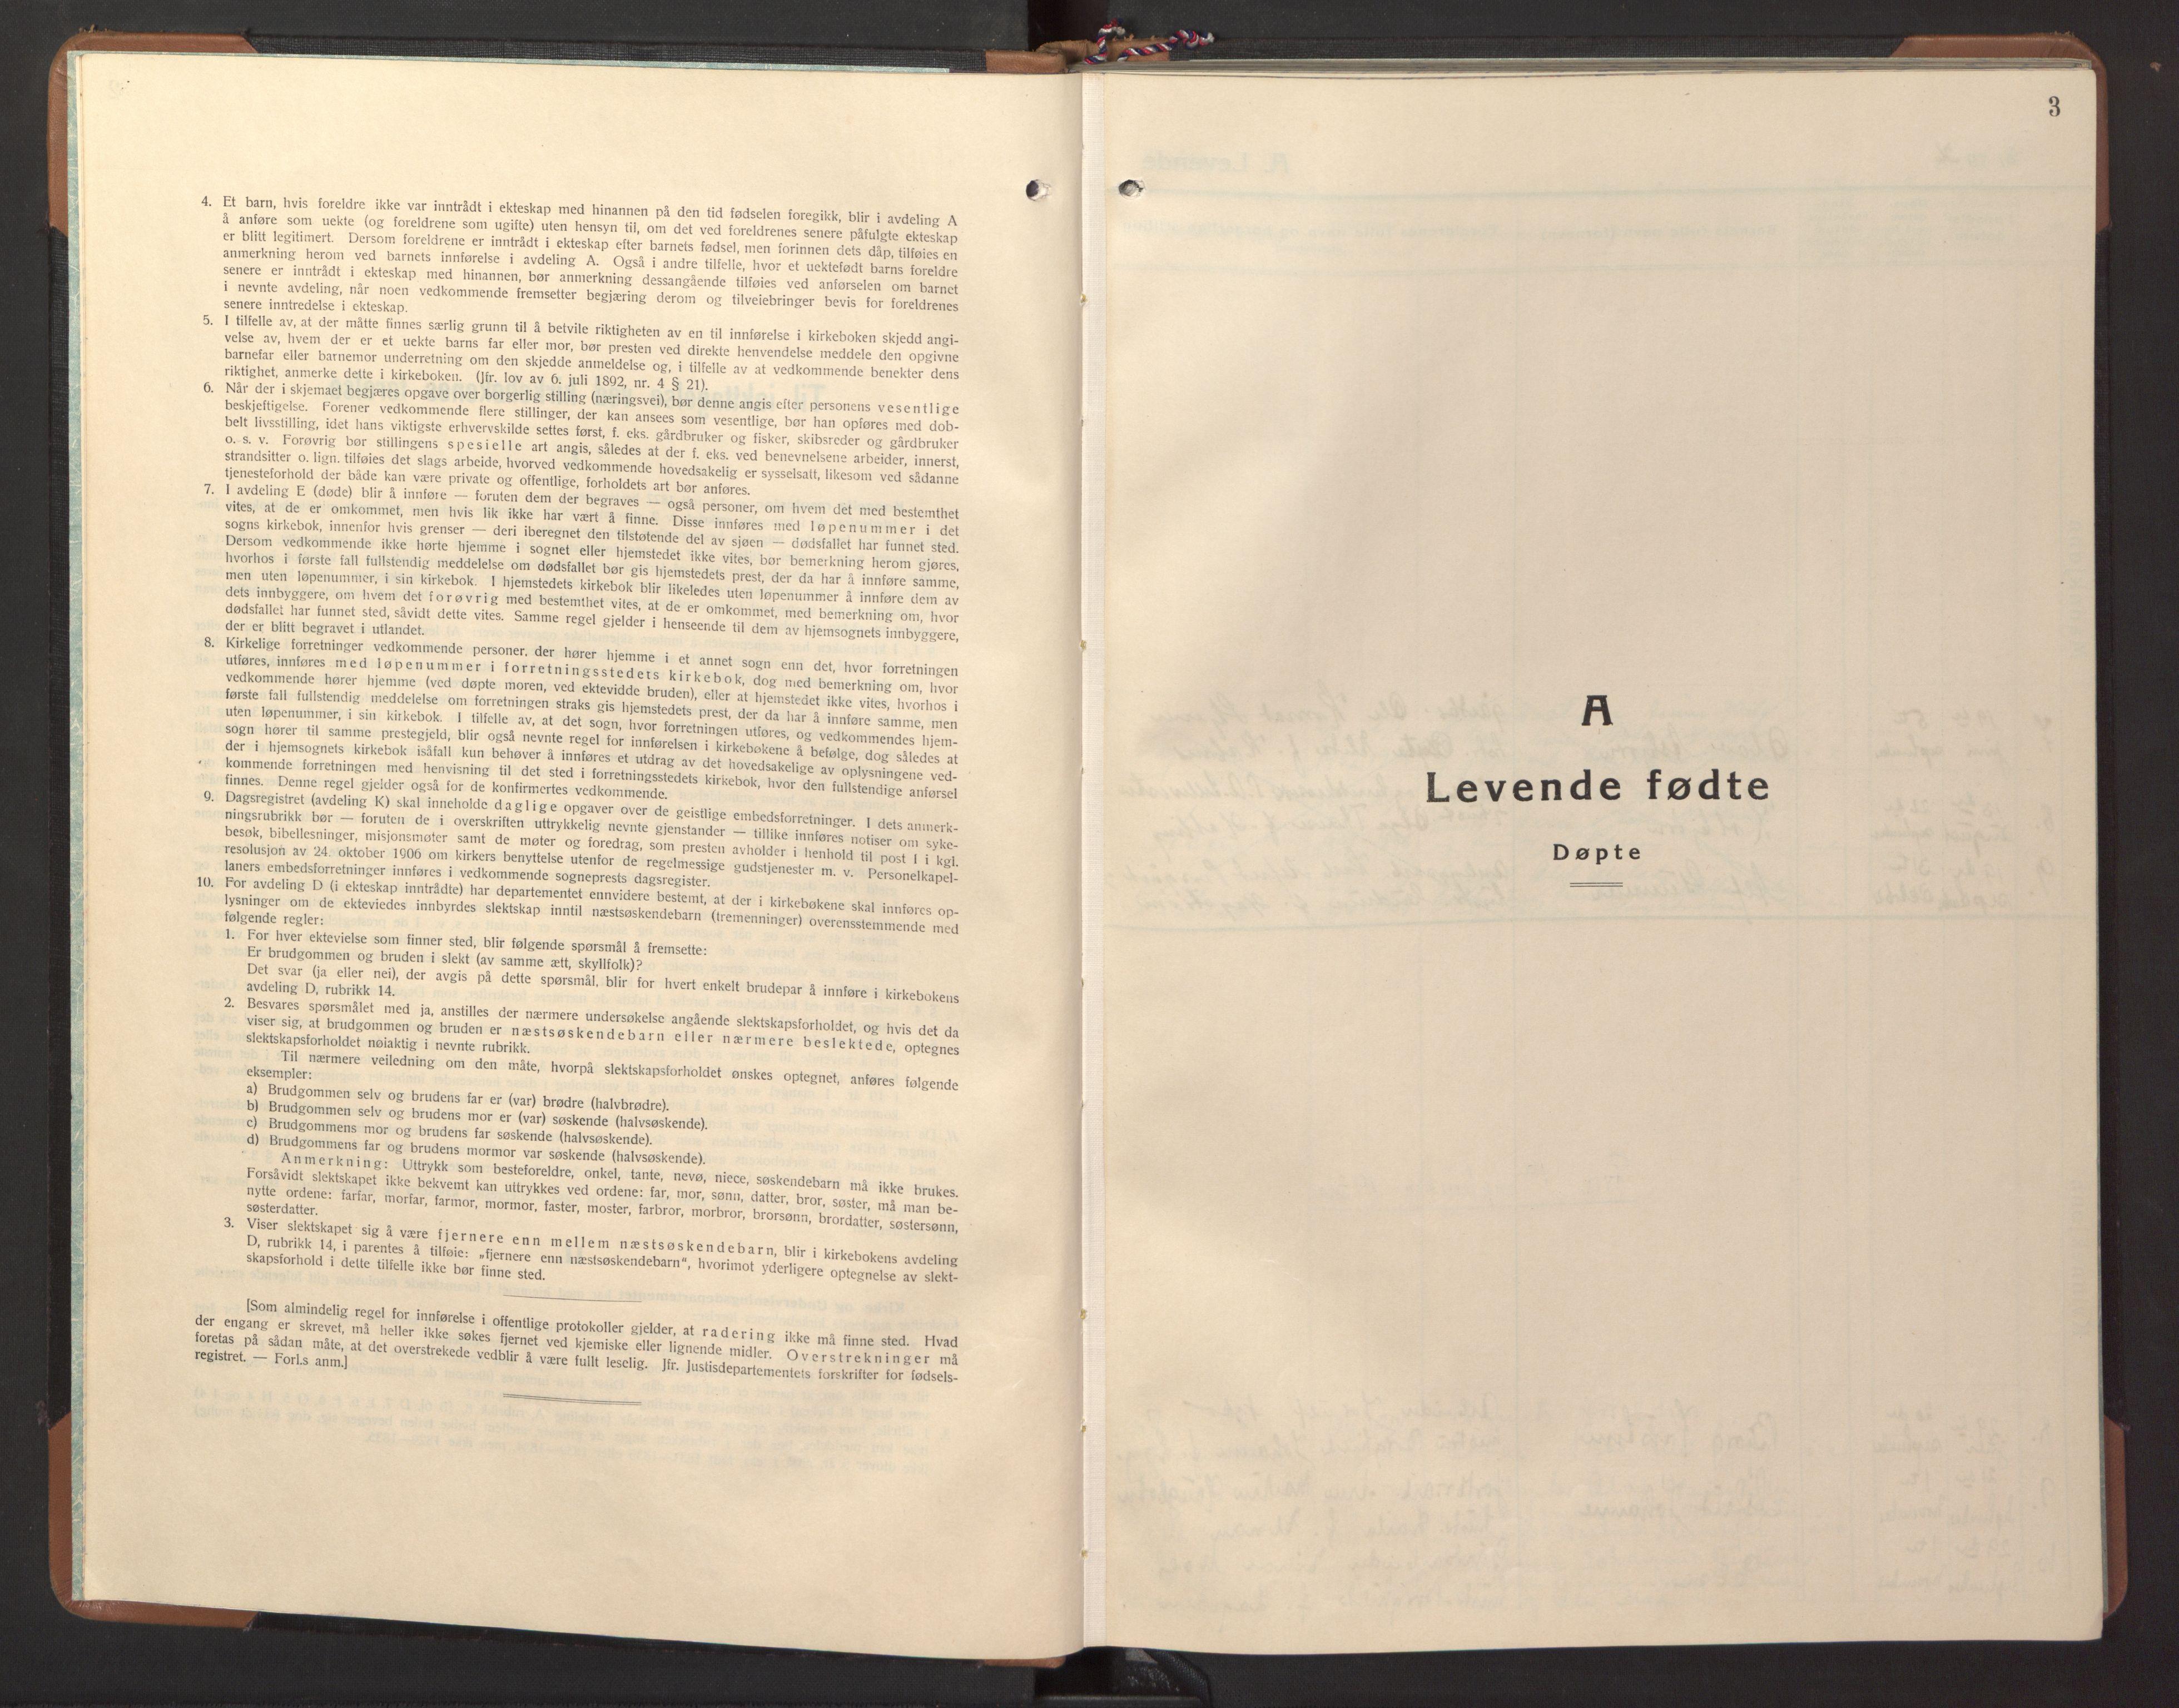 SAT, Ministerialprotokoller, klokkerbøker og fødselsregistre - Nord-Trøndelag, 746/L0456: Klokkerbok nr. 746C02, 1936-1948, s. 3